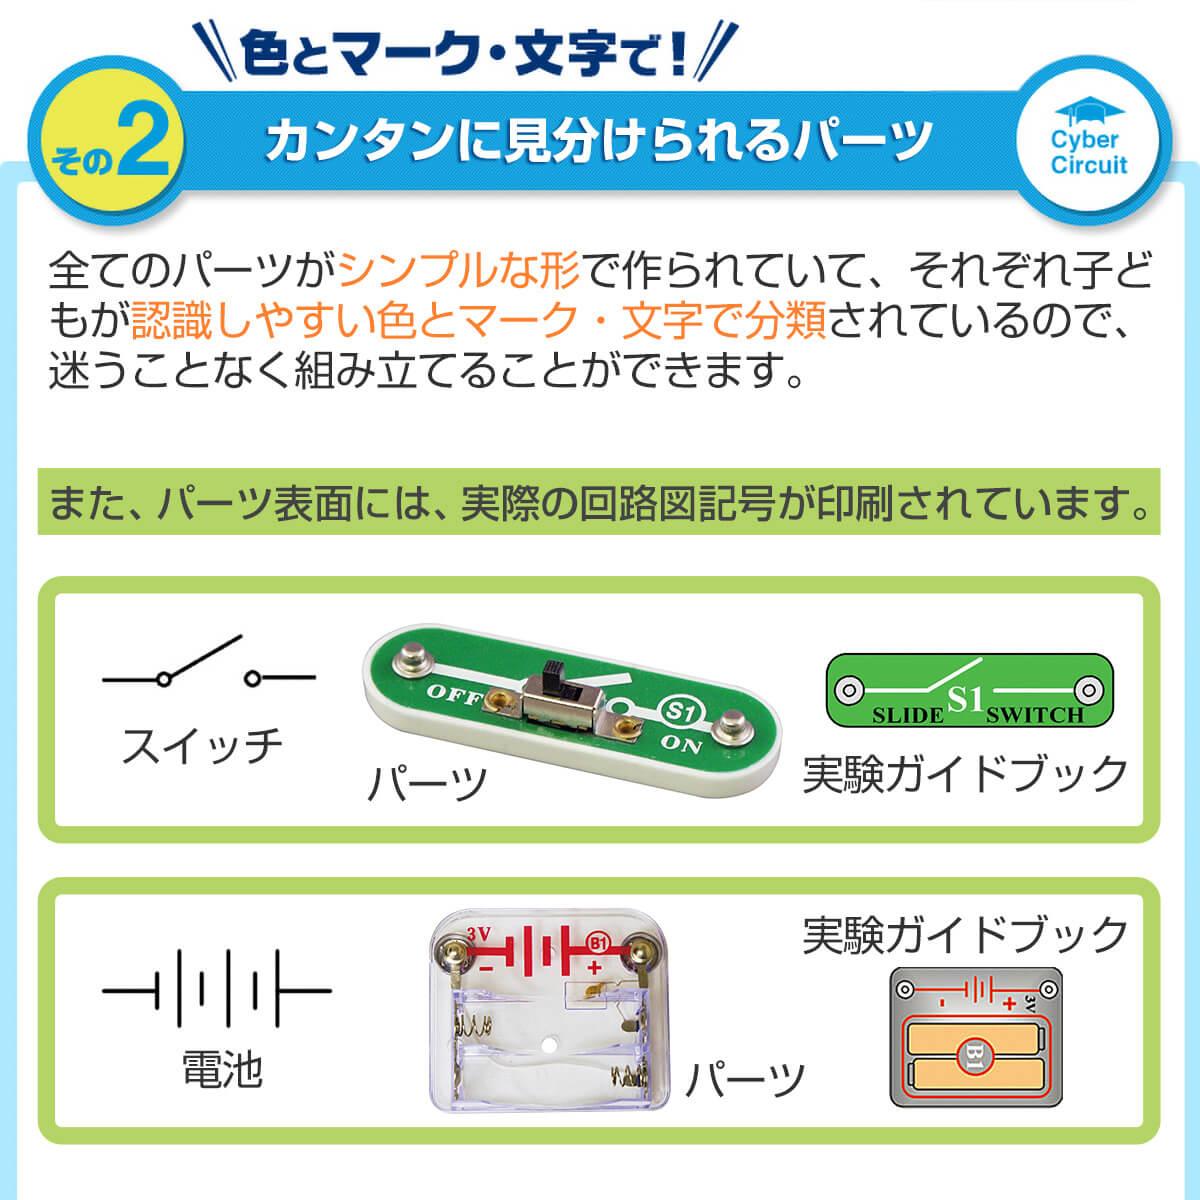 【正規品】 知育玩具 子供 おもちゃ 6歳 電脳サーキット 100 電子回路が学べる 電子ブロック 電子玩具 科学 サイエンス 玩具 実験セット ダッシュ dash 英脳フォニックス